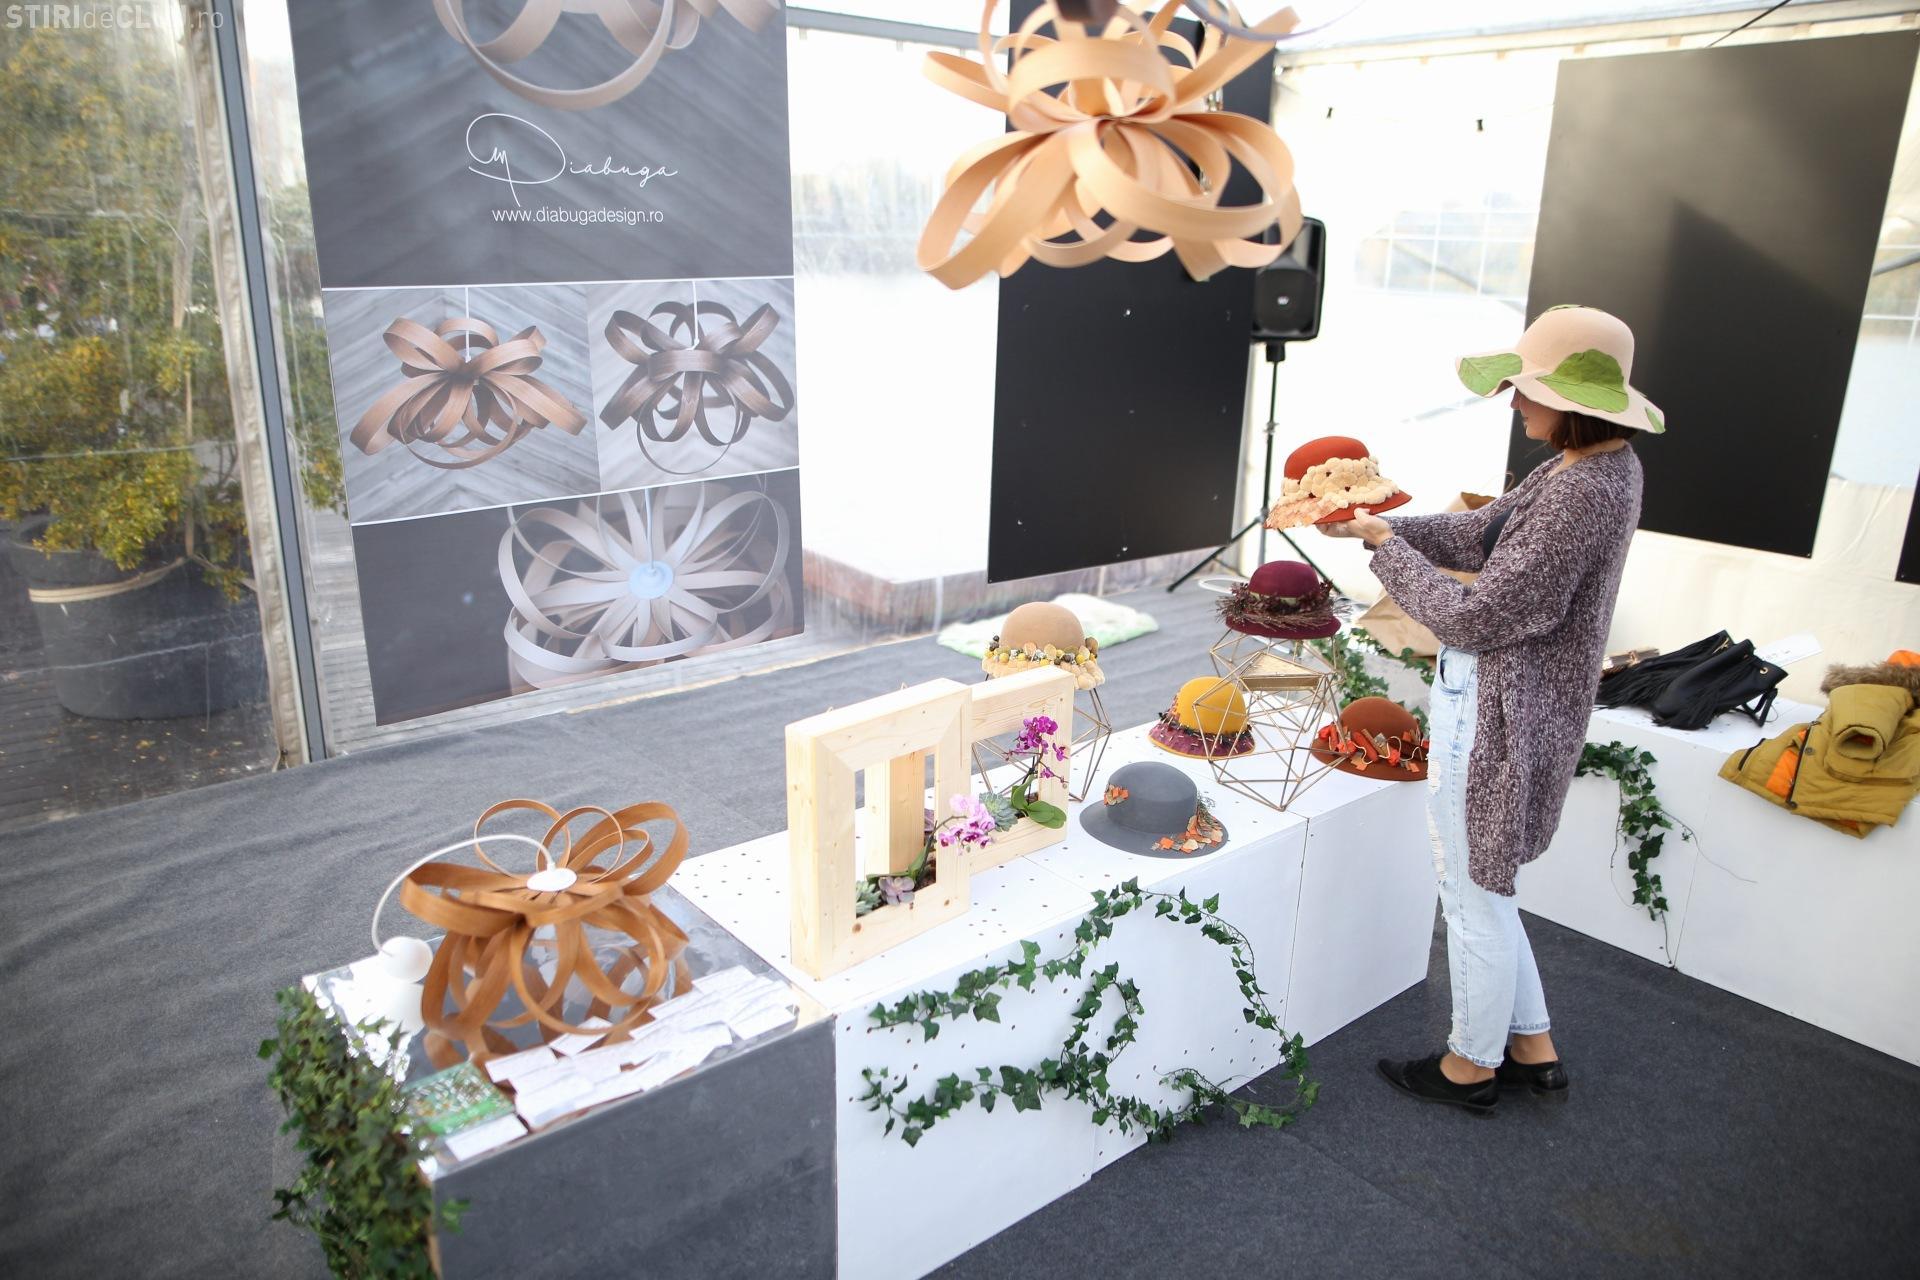 """Expoziție cu și despre flori, în Iulius Parc. Ce puteți vedea la """"Napoca Avenue"""""""